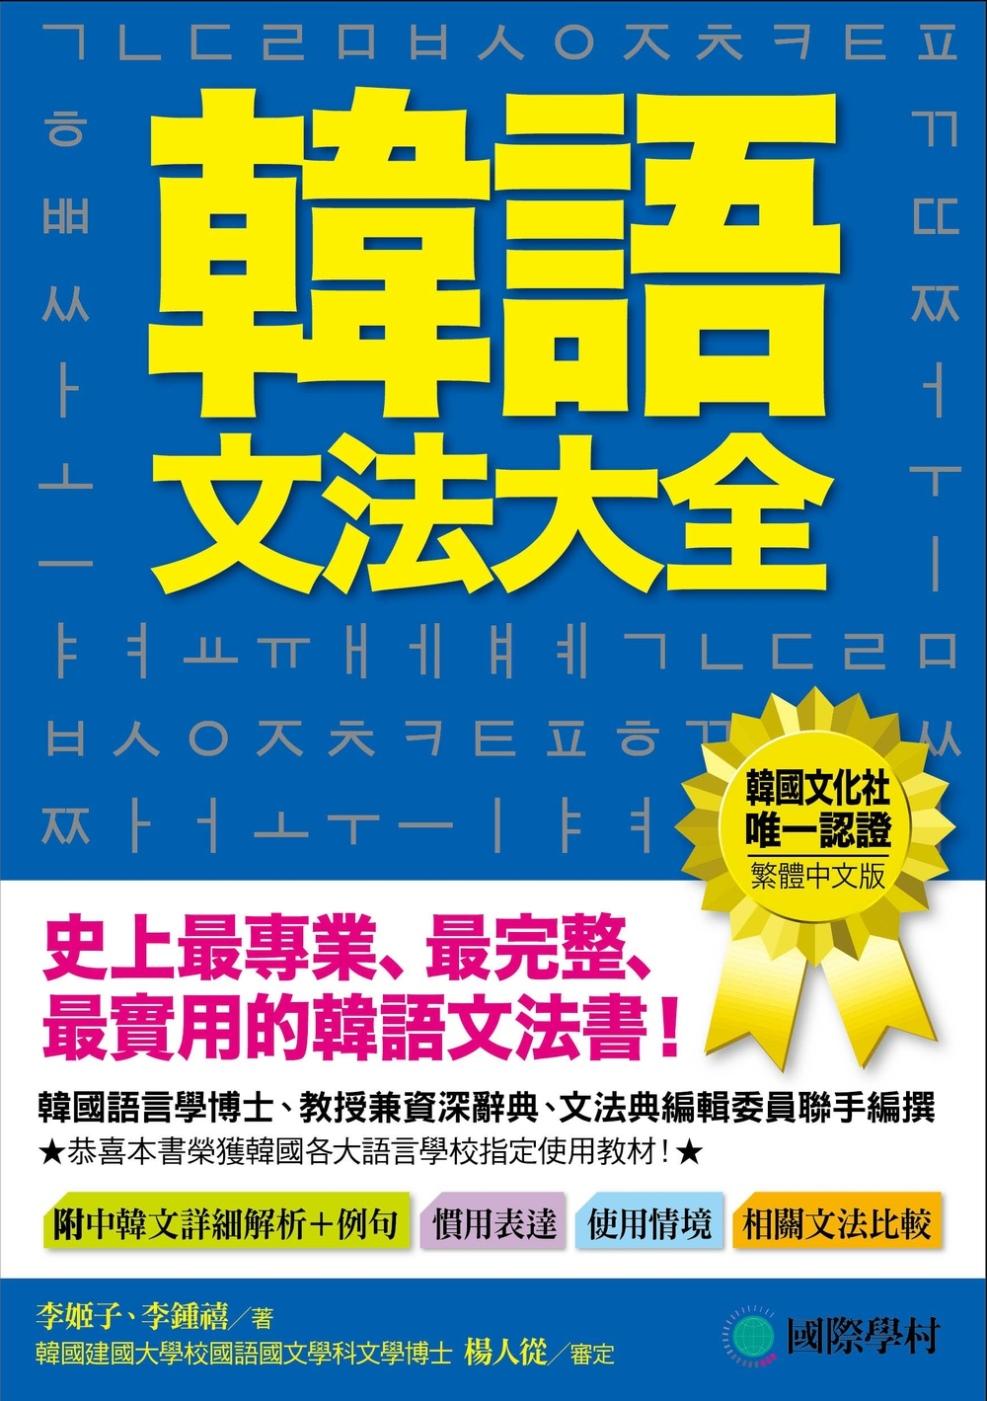 韓語文法大全:初級、中級、高級程度皆適用,史上最專業、最完整、最實用的韓語文法書!